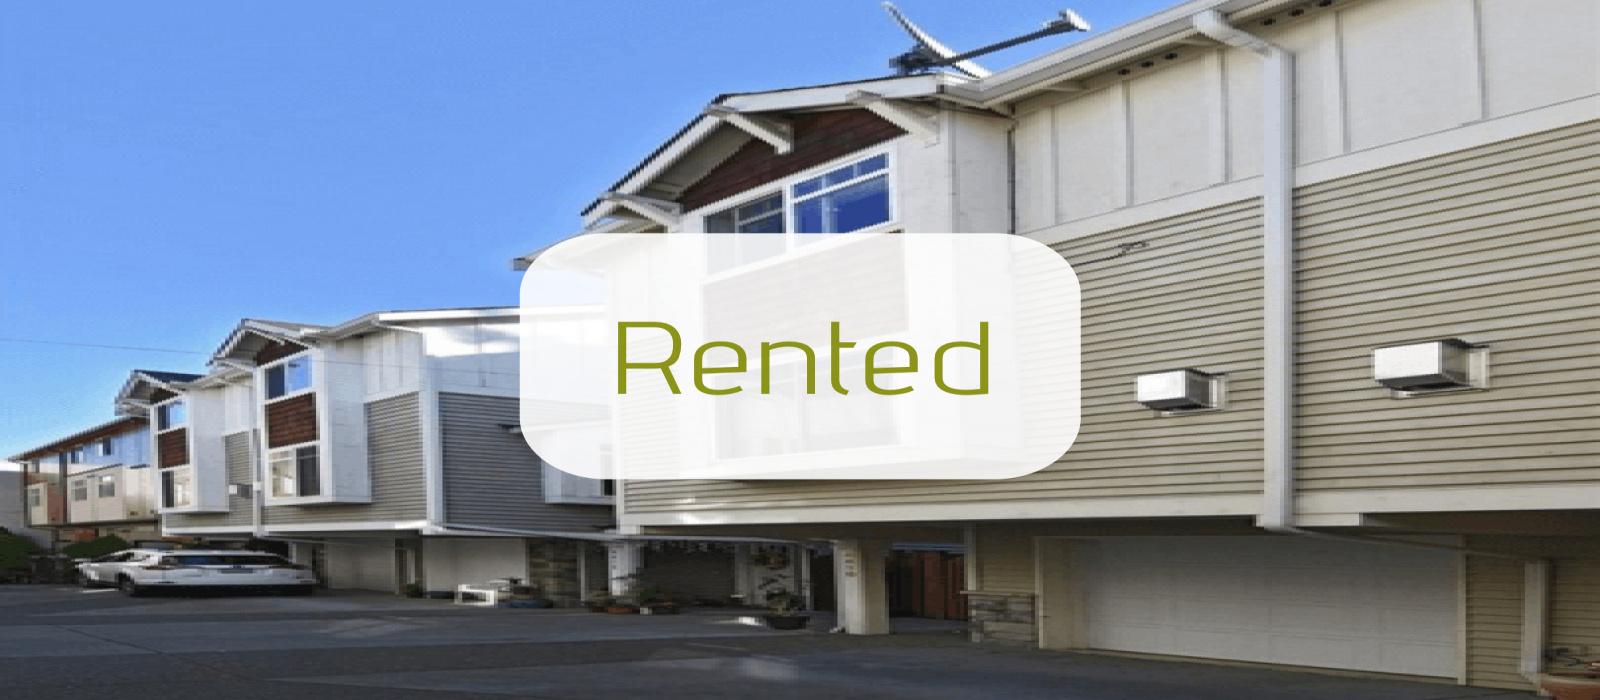 4412 Meridian Ave N, Seattle, Washington 98103, 2 Bedrooms Bedrooms, ,2 BathroomsBathrooms,Farm,For Rent,Meridian Ave N ,1033